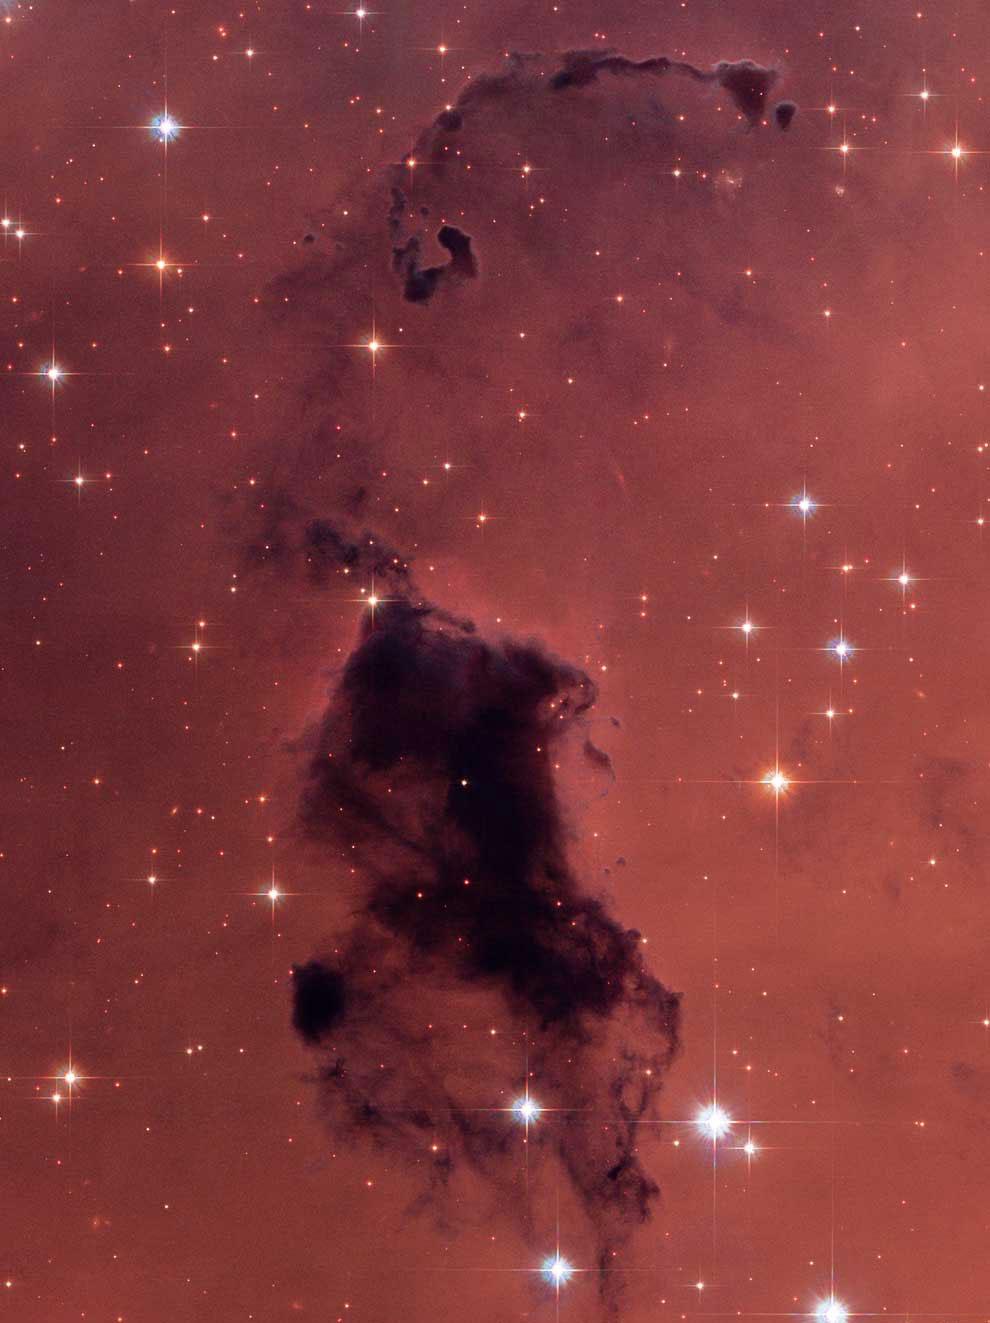 Пылевые облака в нашей галактике Млечный Путь